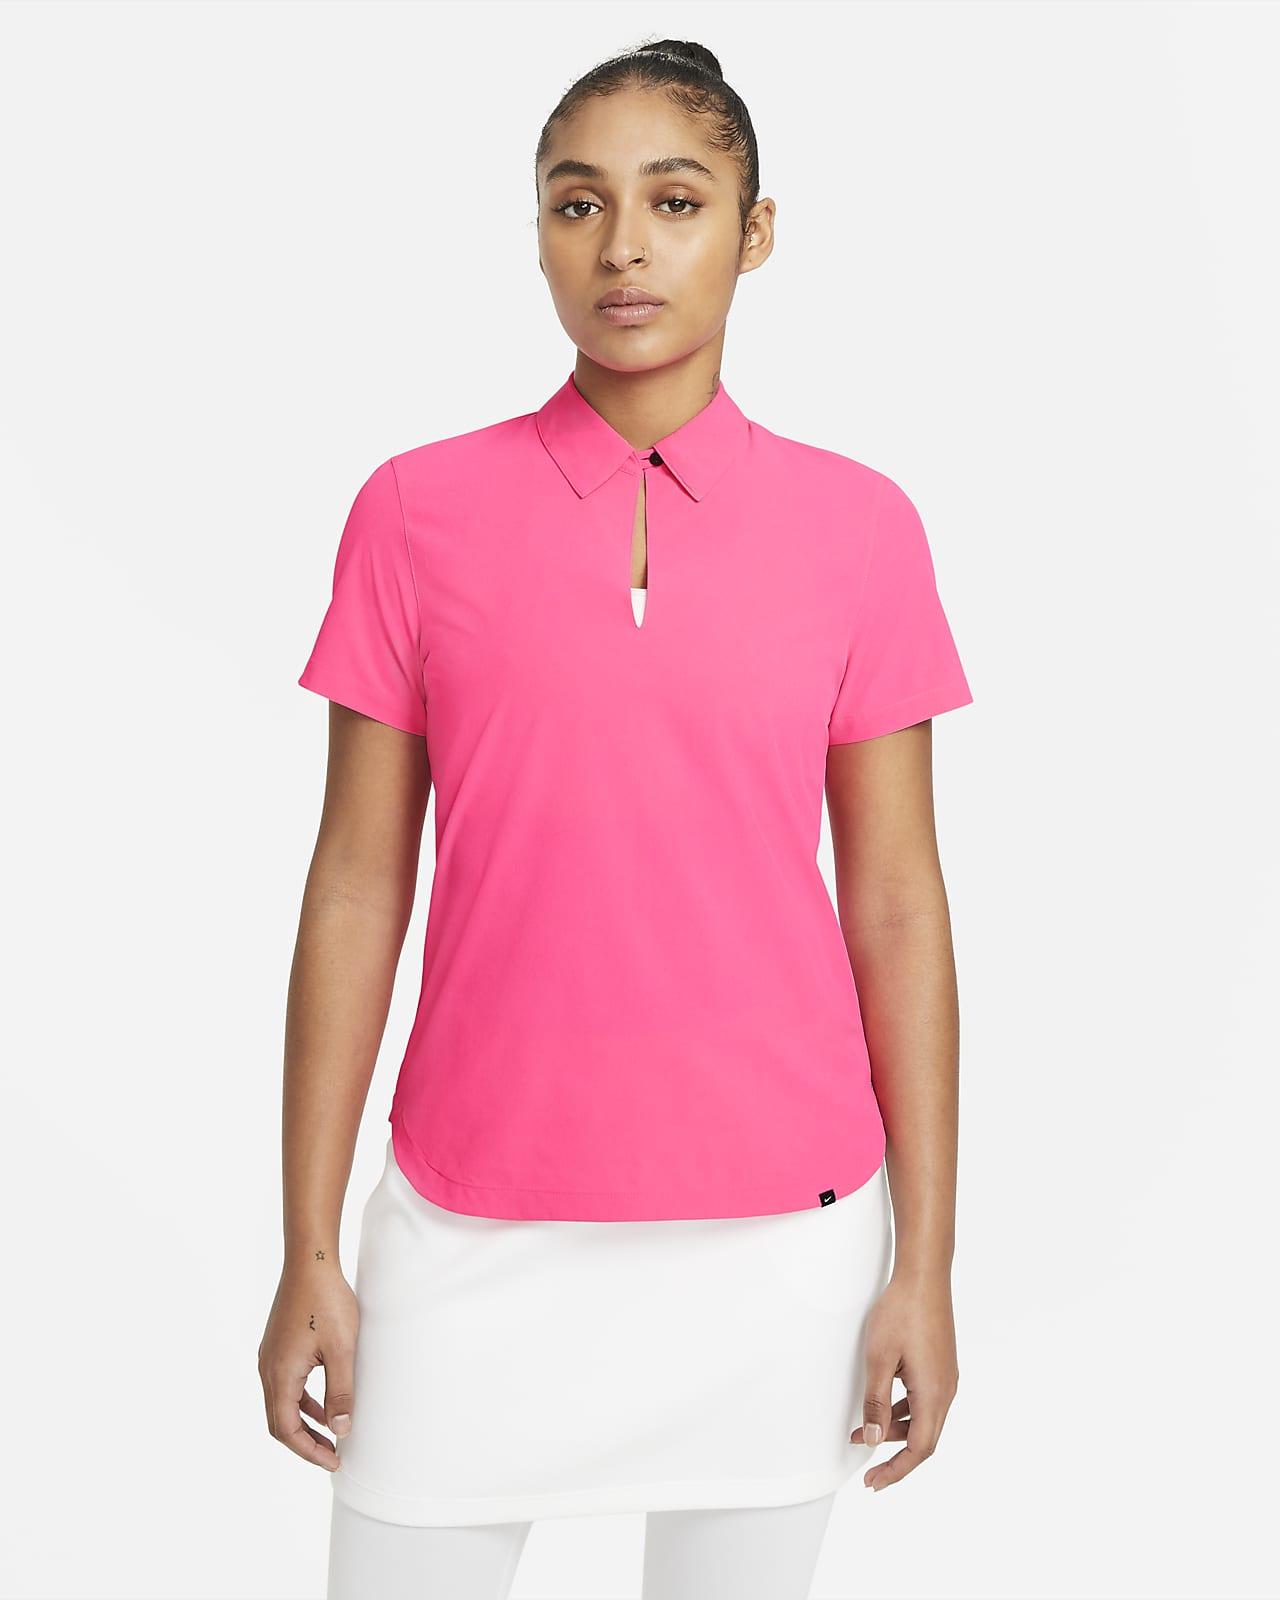 Γυναικεία μπλούζα πόλο για γκολφ Nike Flex Ace